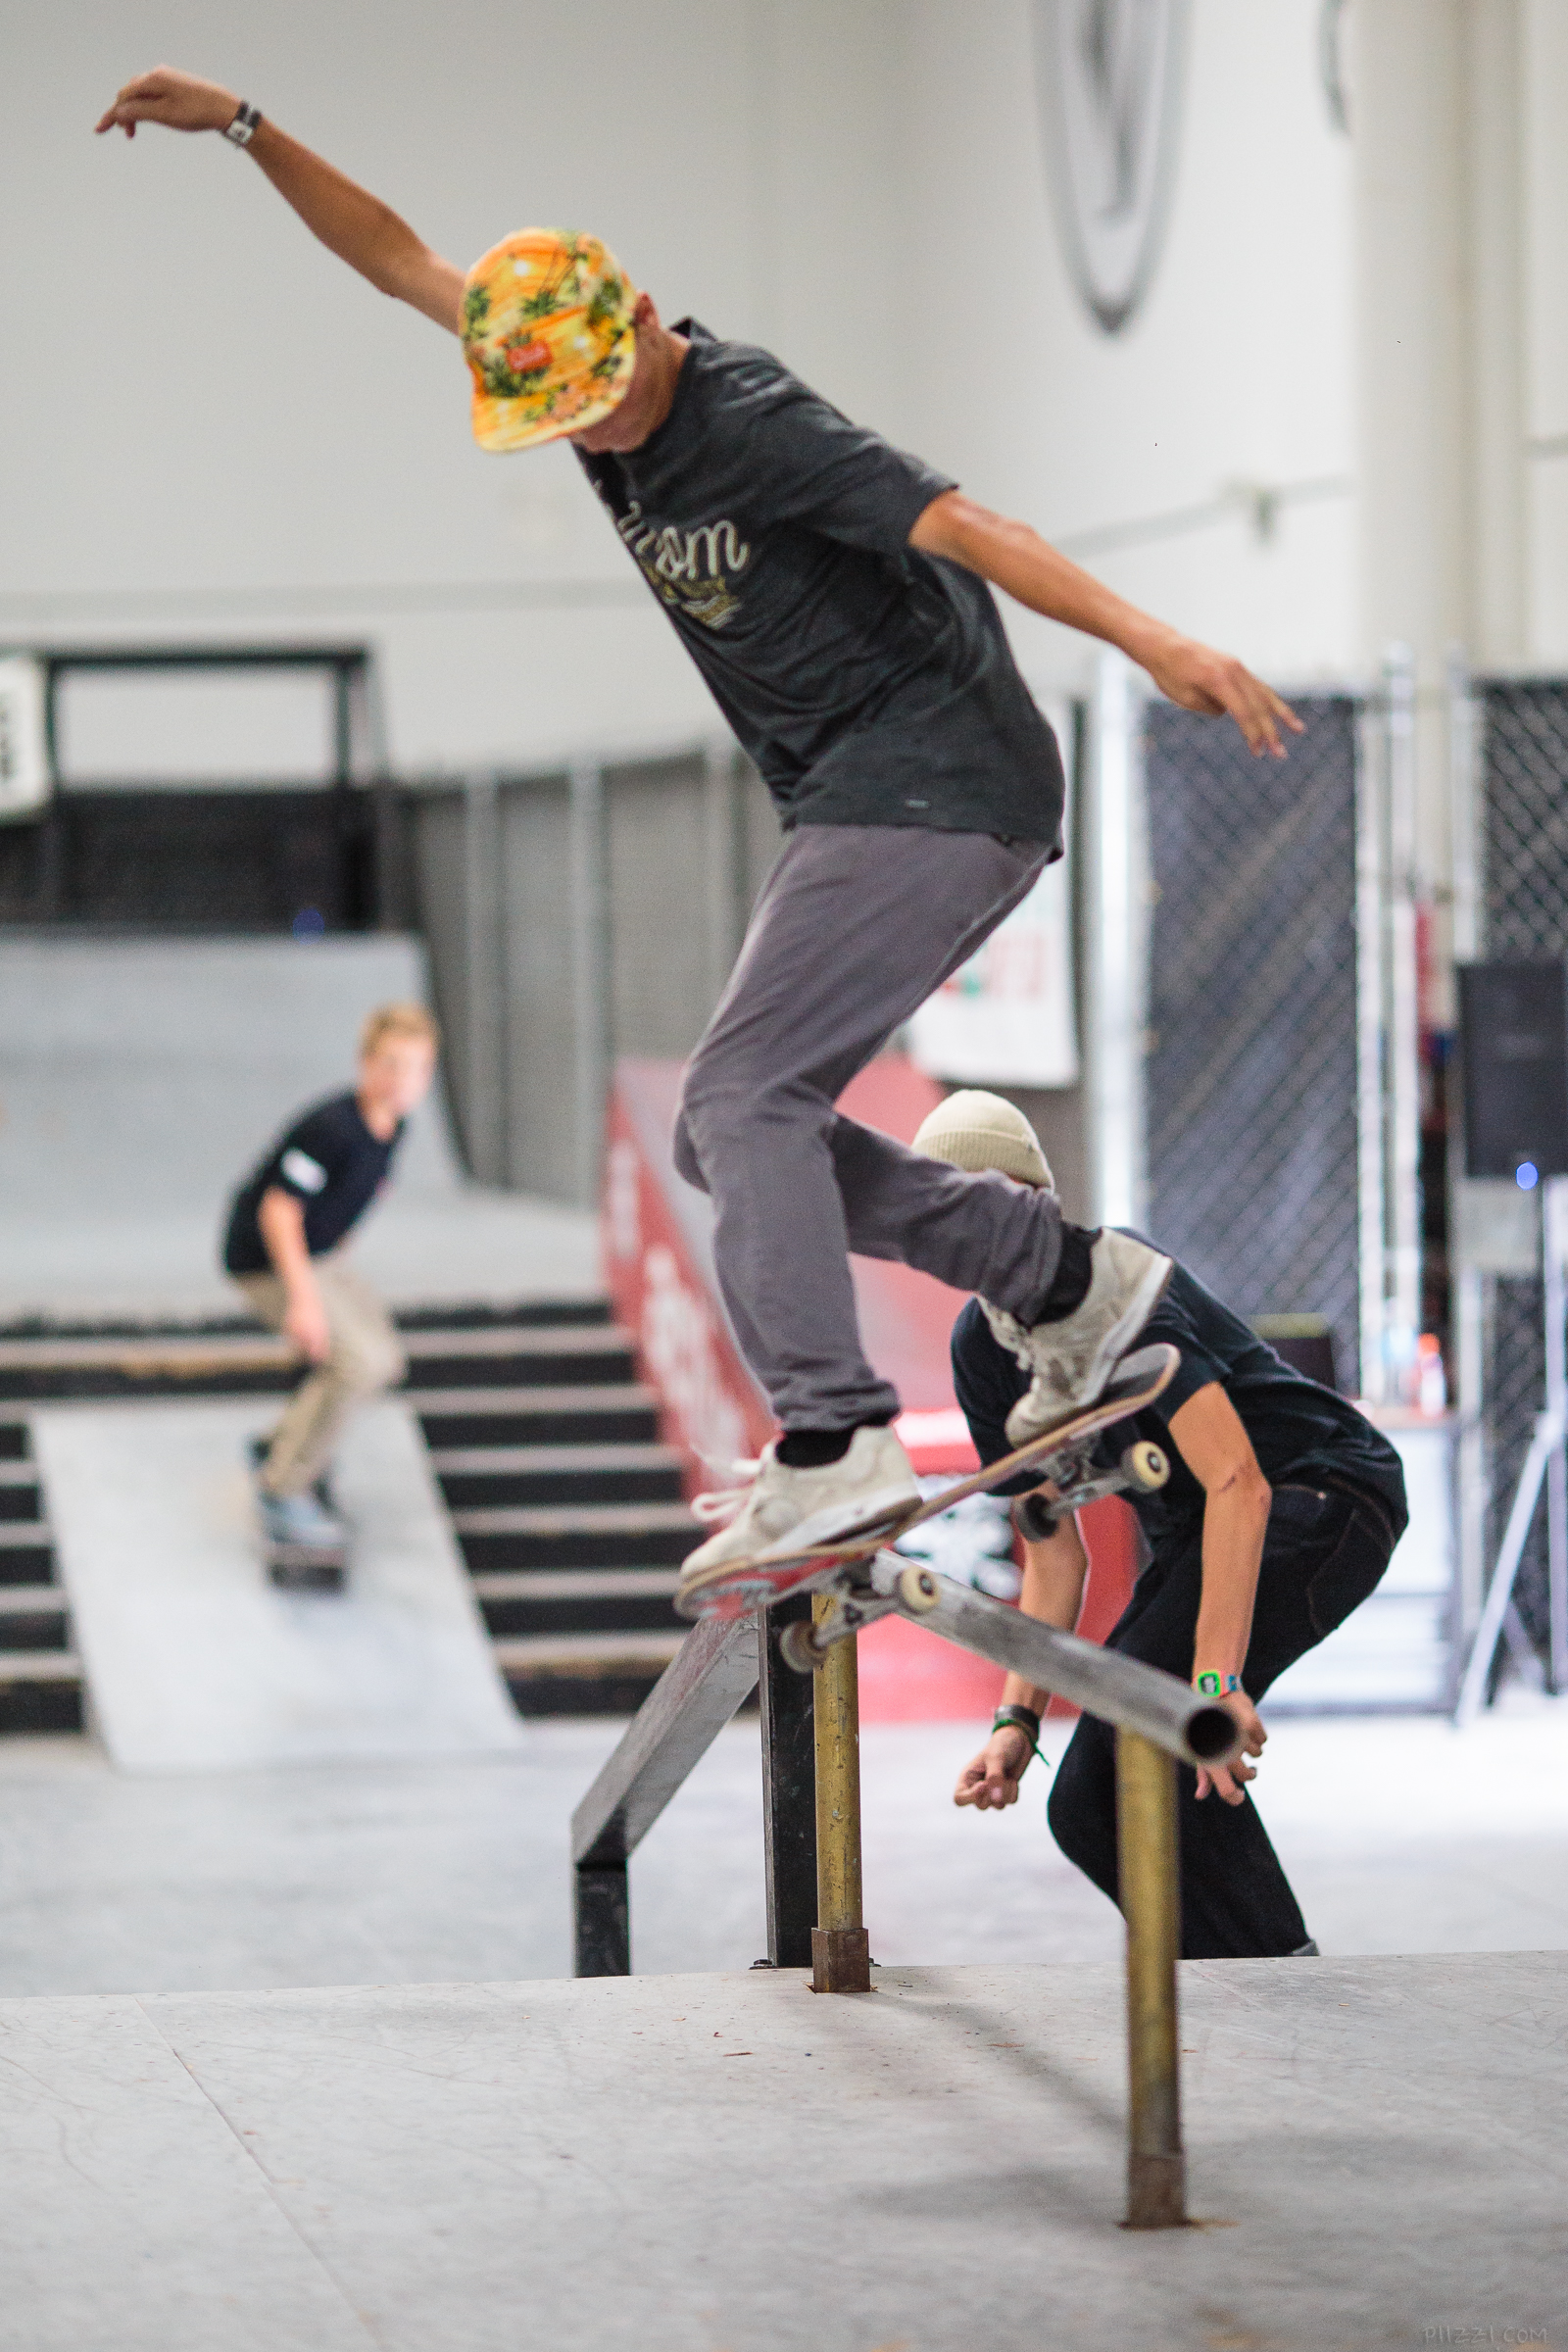 skate_rail_sequence_1.jpg